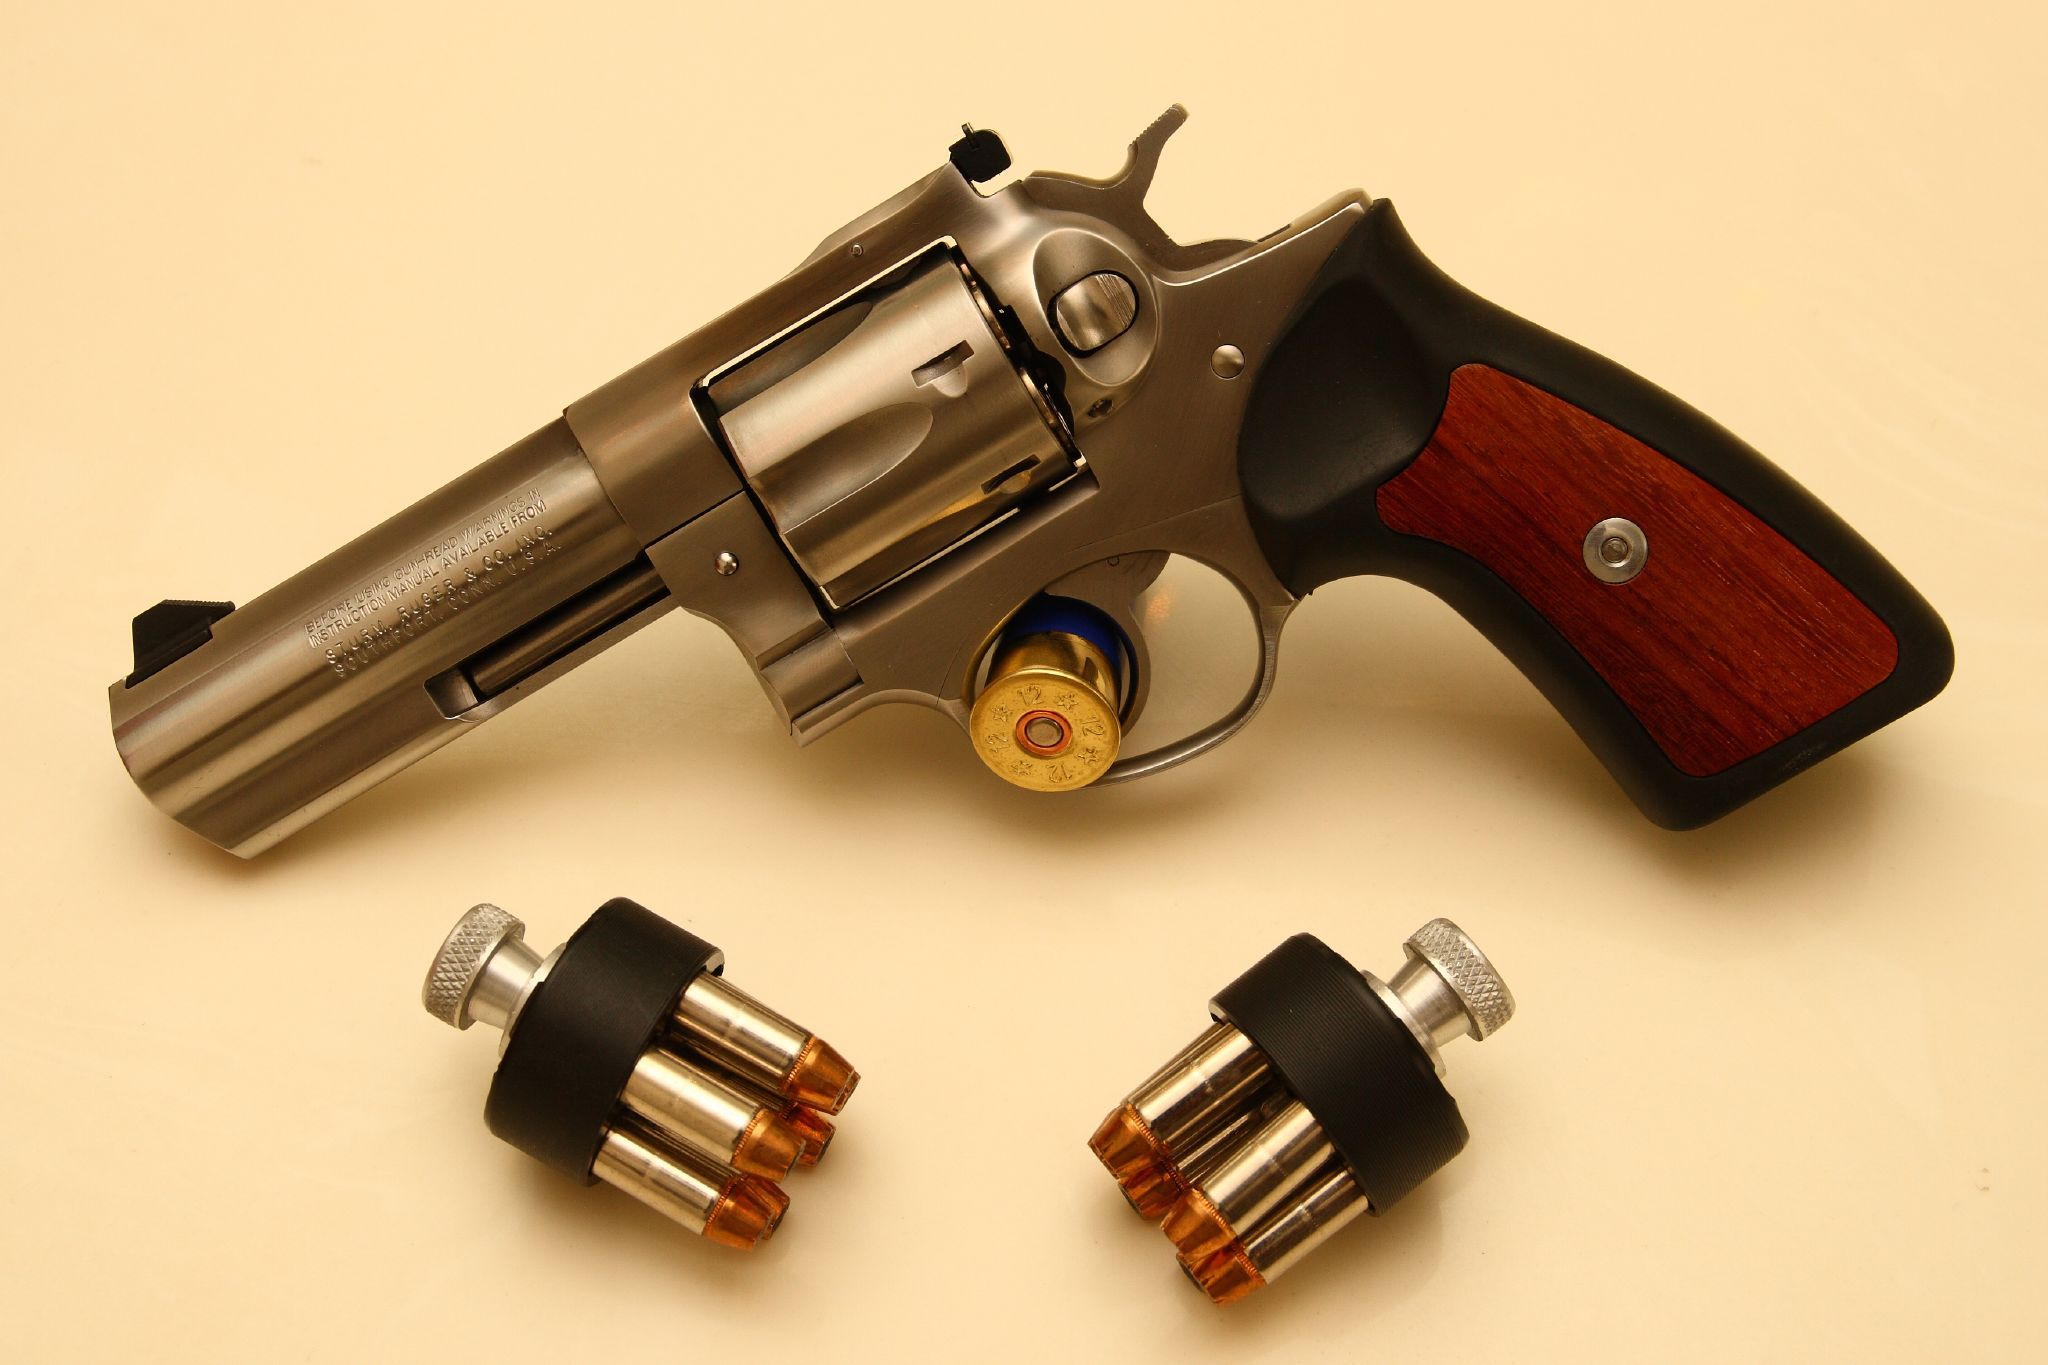 Revolver de lujo - 2048x1365